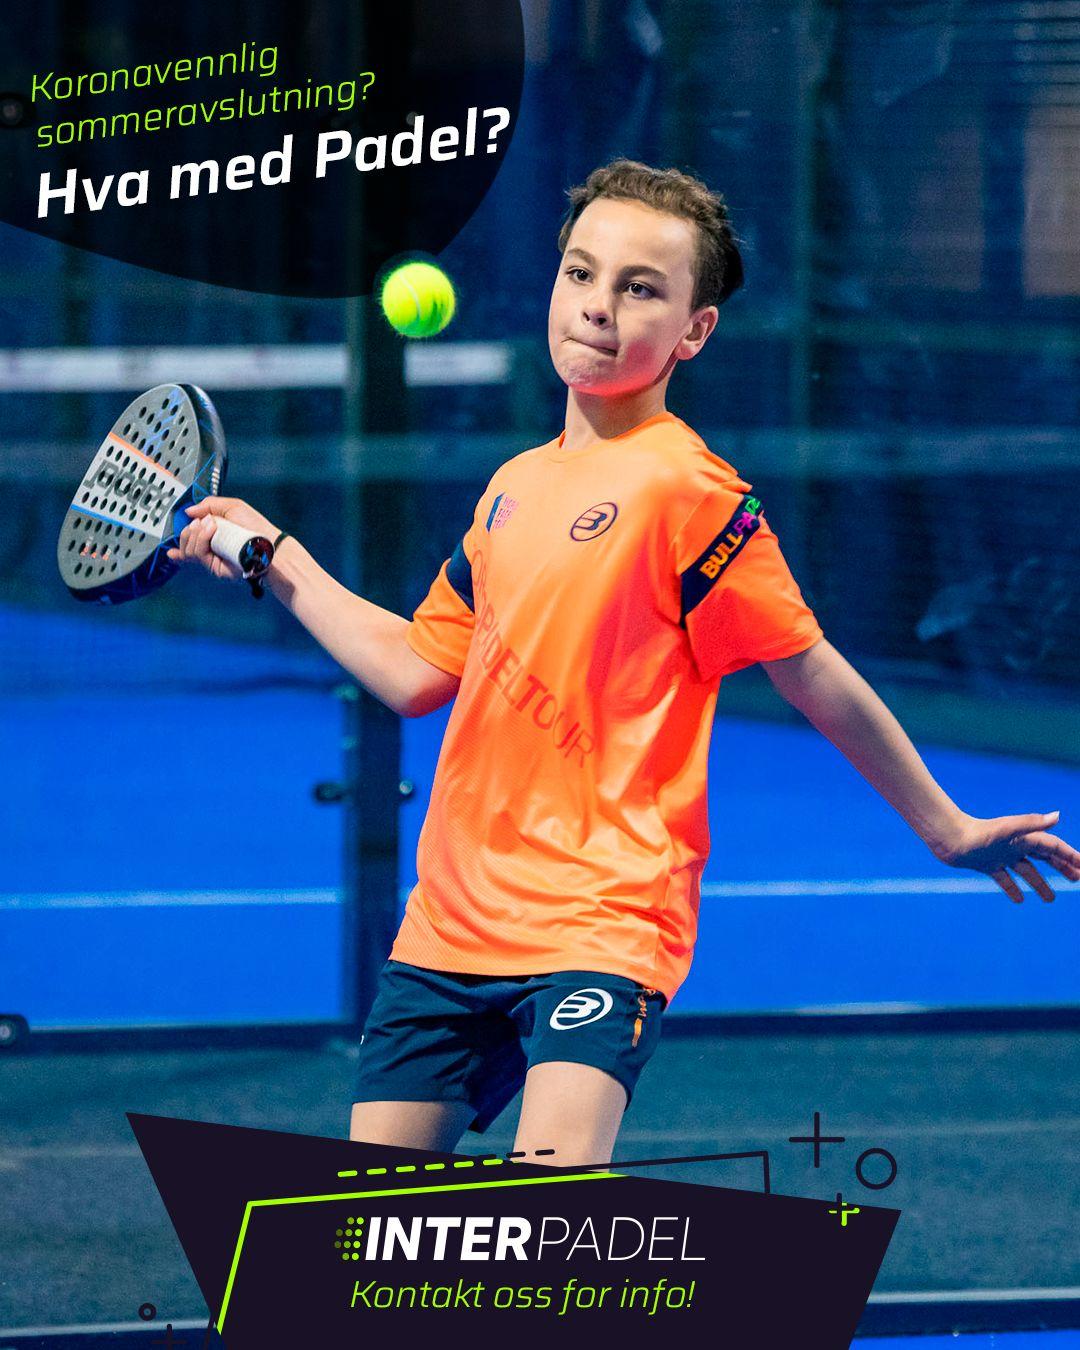 bolgen media some poster 010